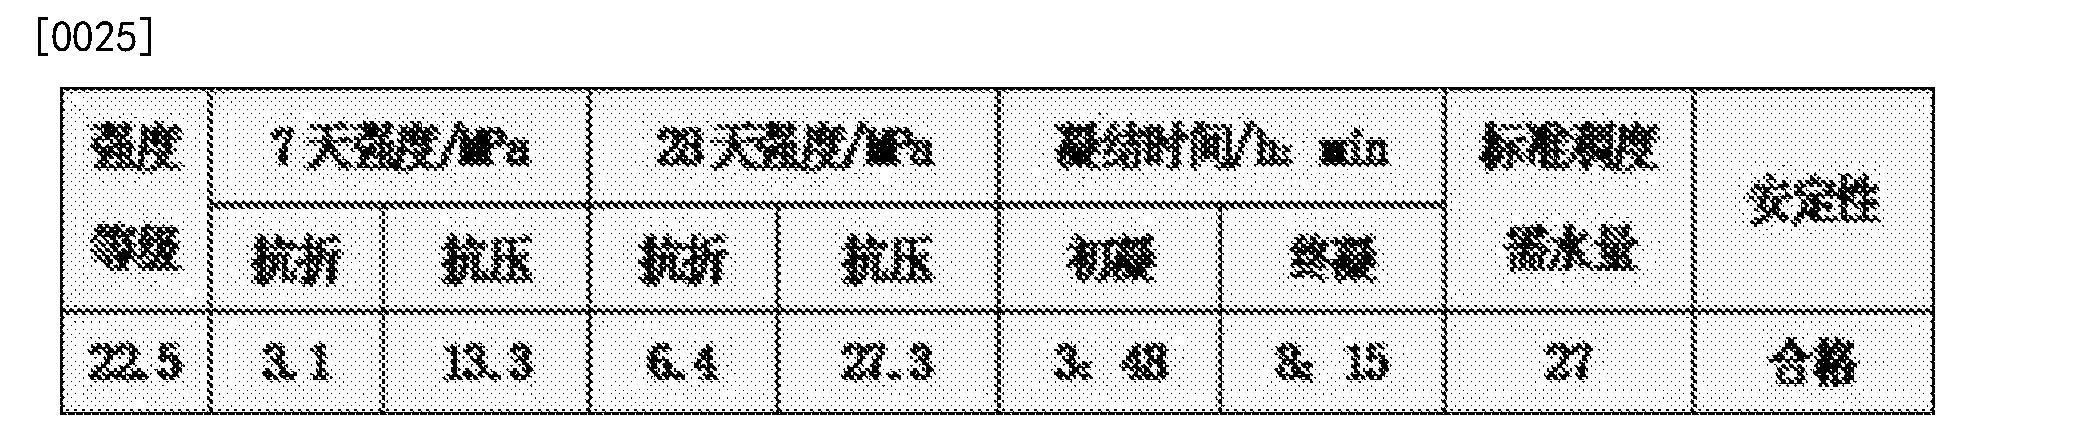 Figure CN102515588BD00051